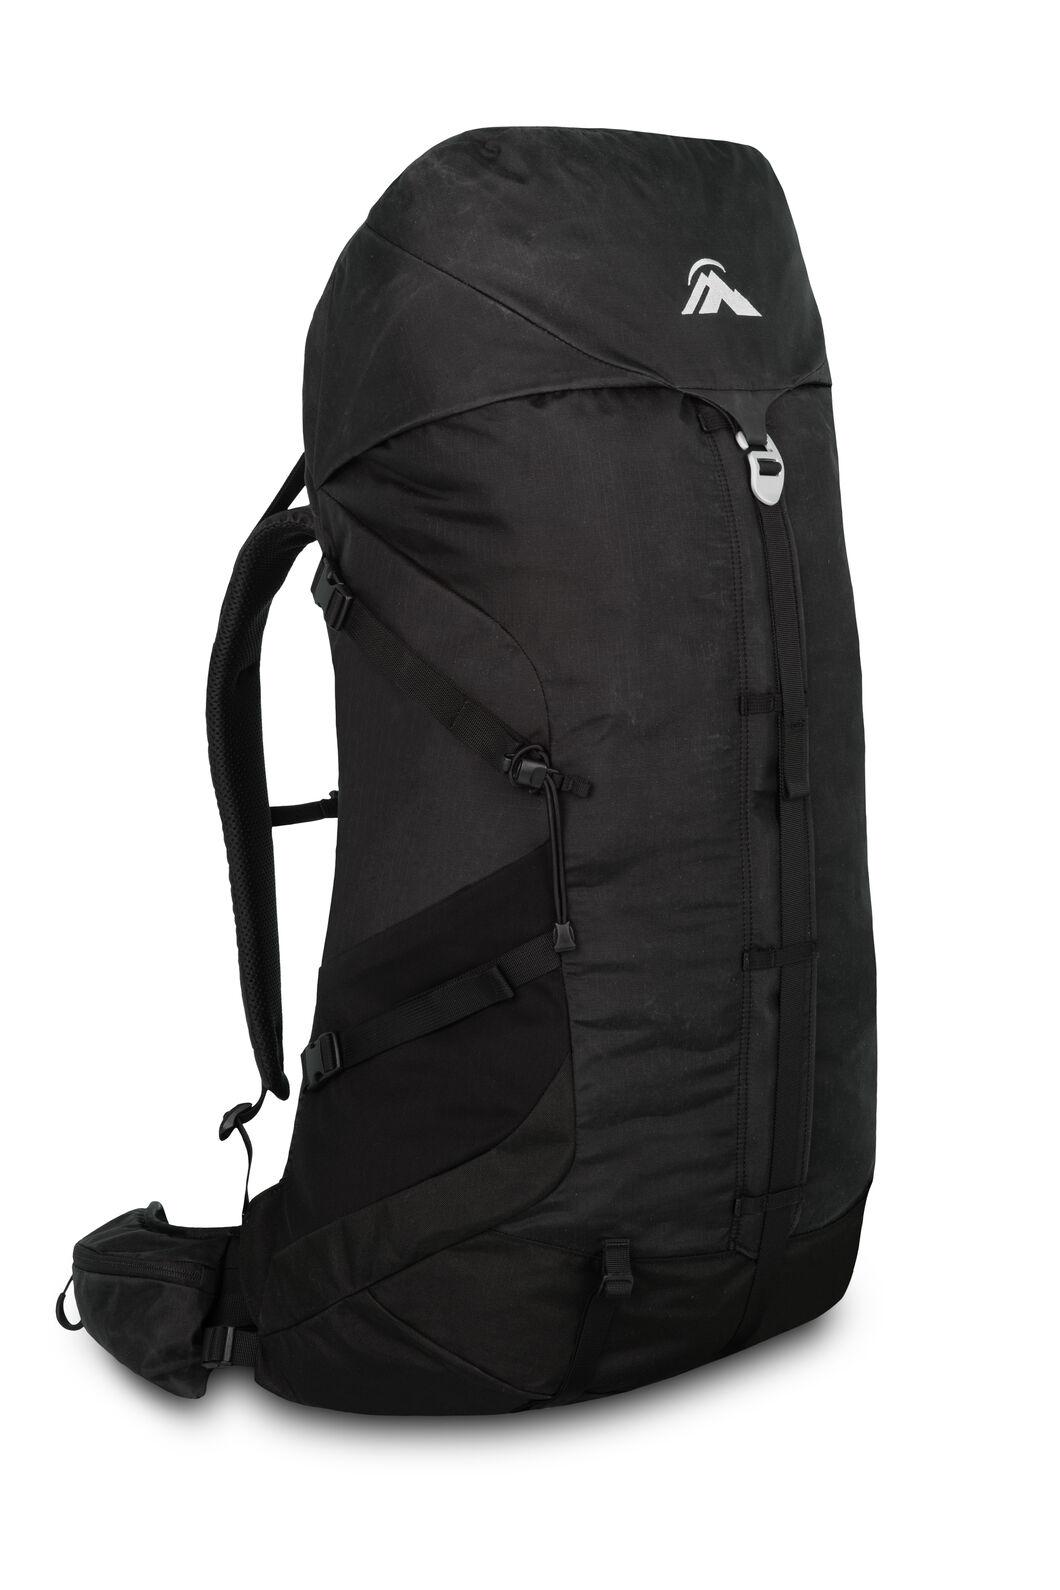 Macpac Rhyolite 47L Hiking Backpack, Black, hi-res